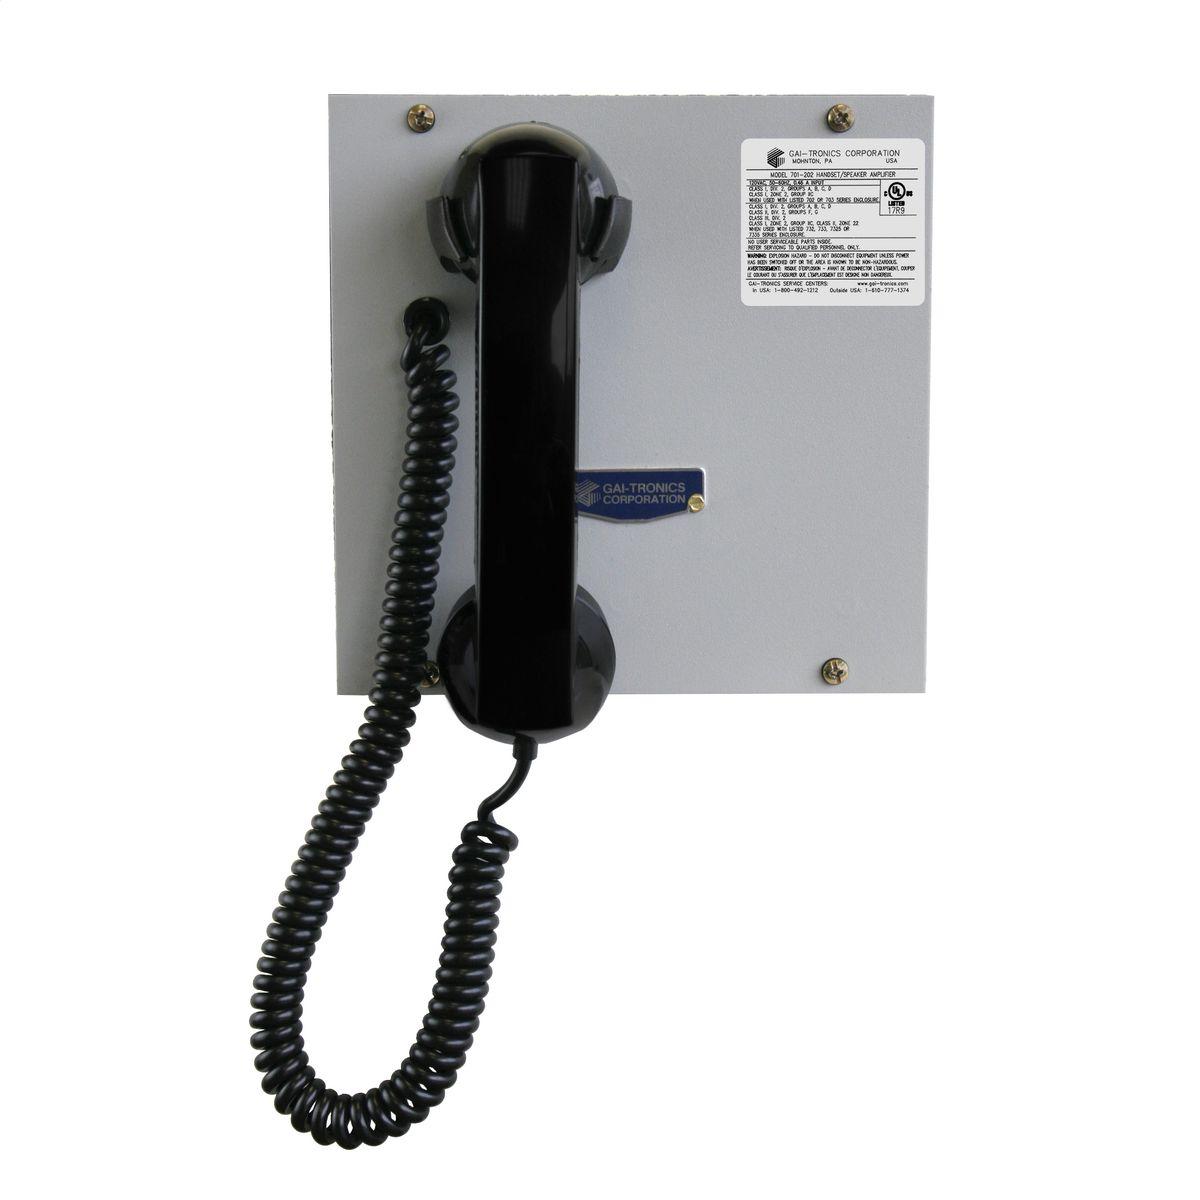 701-202   nd   GAI-Tronics